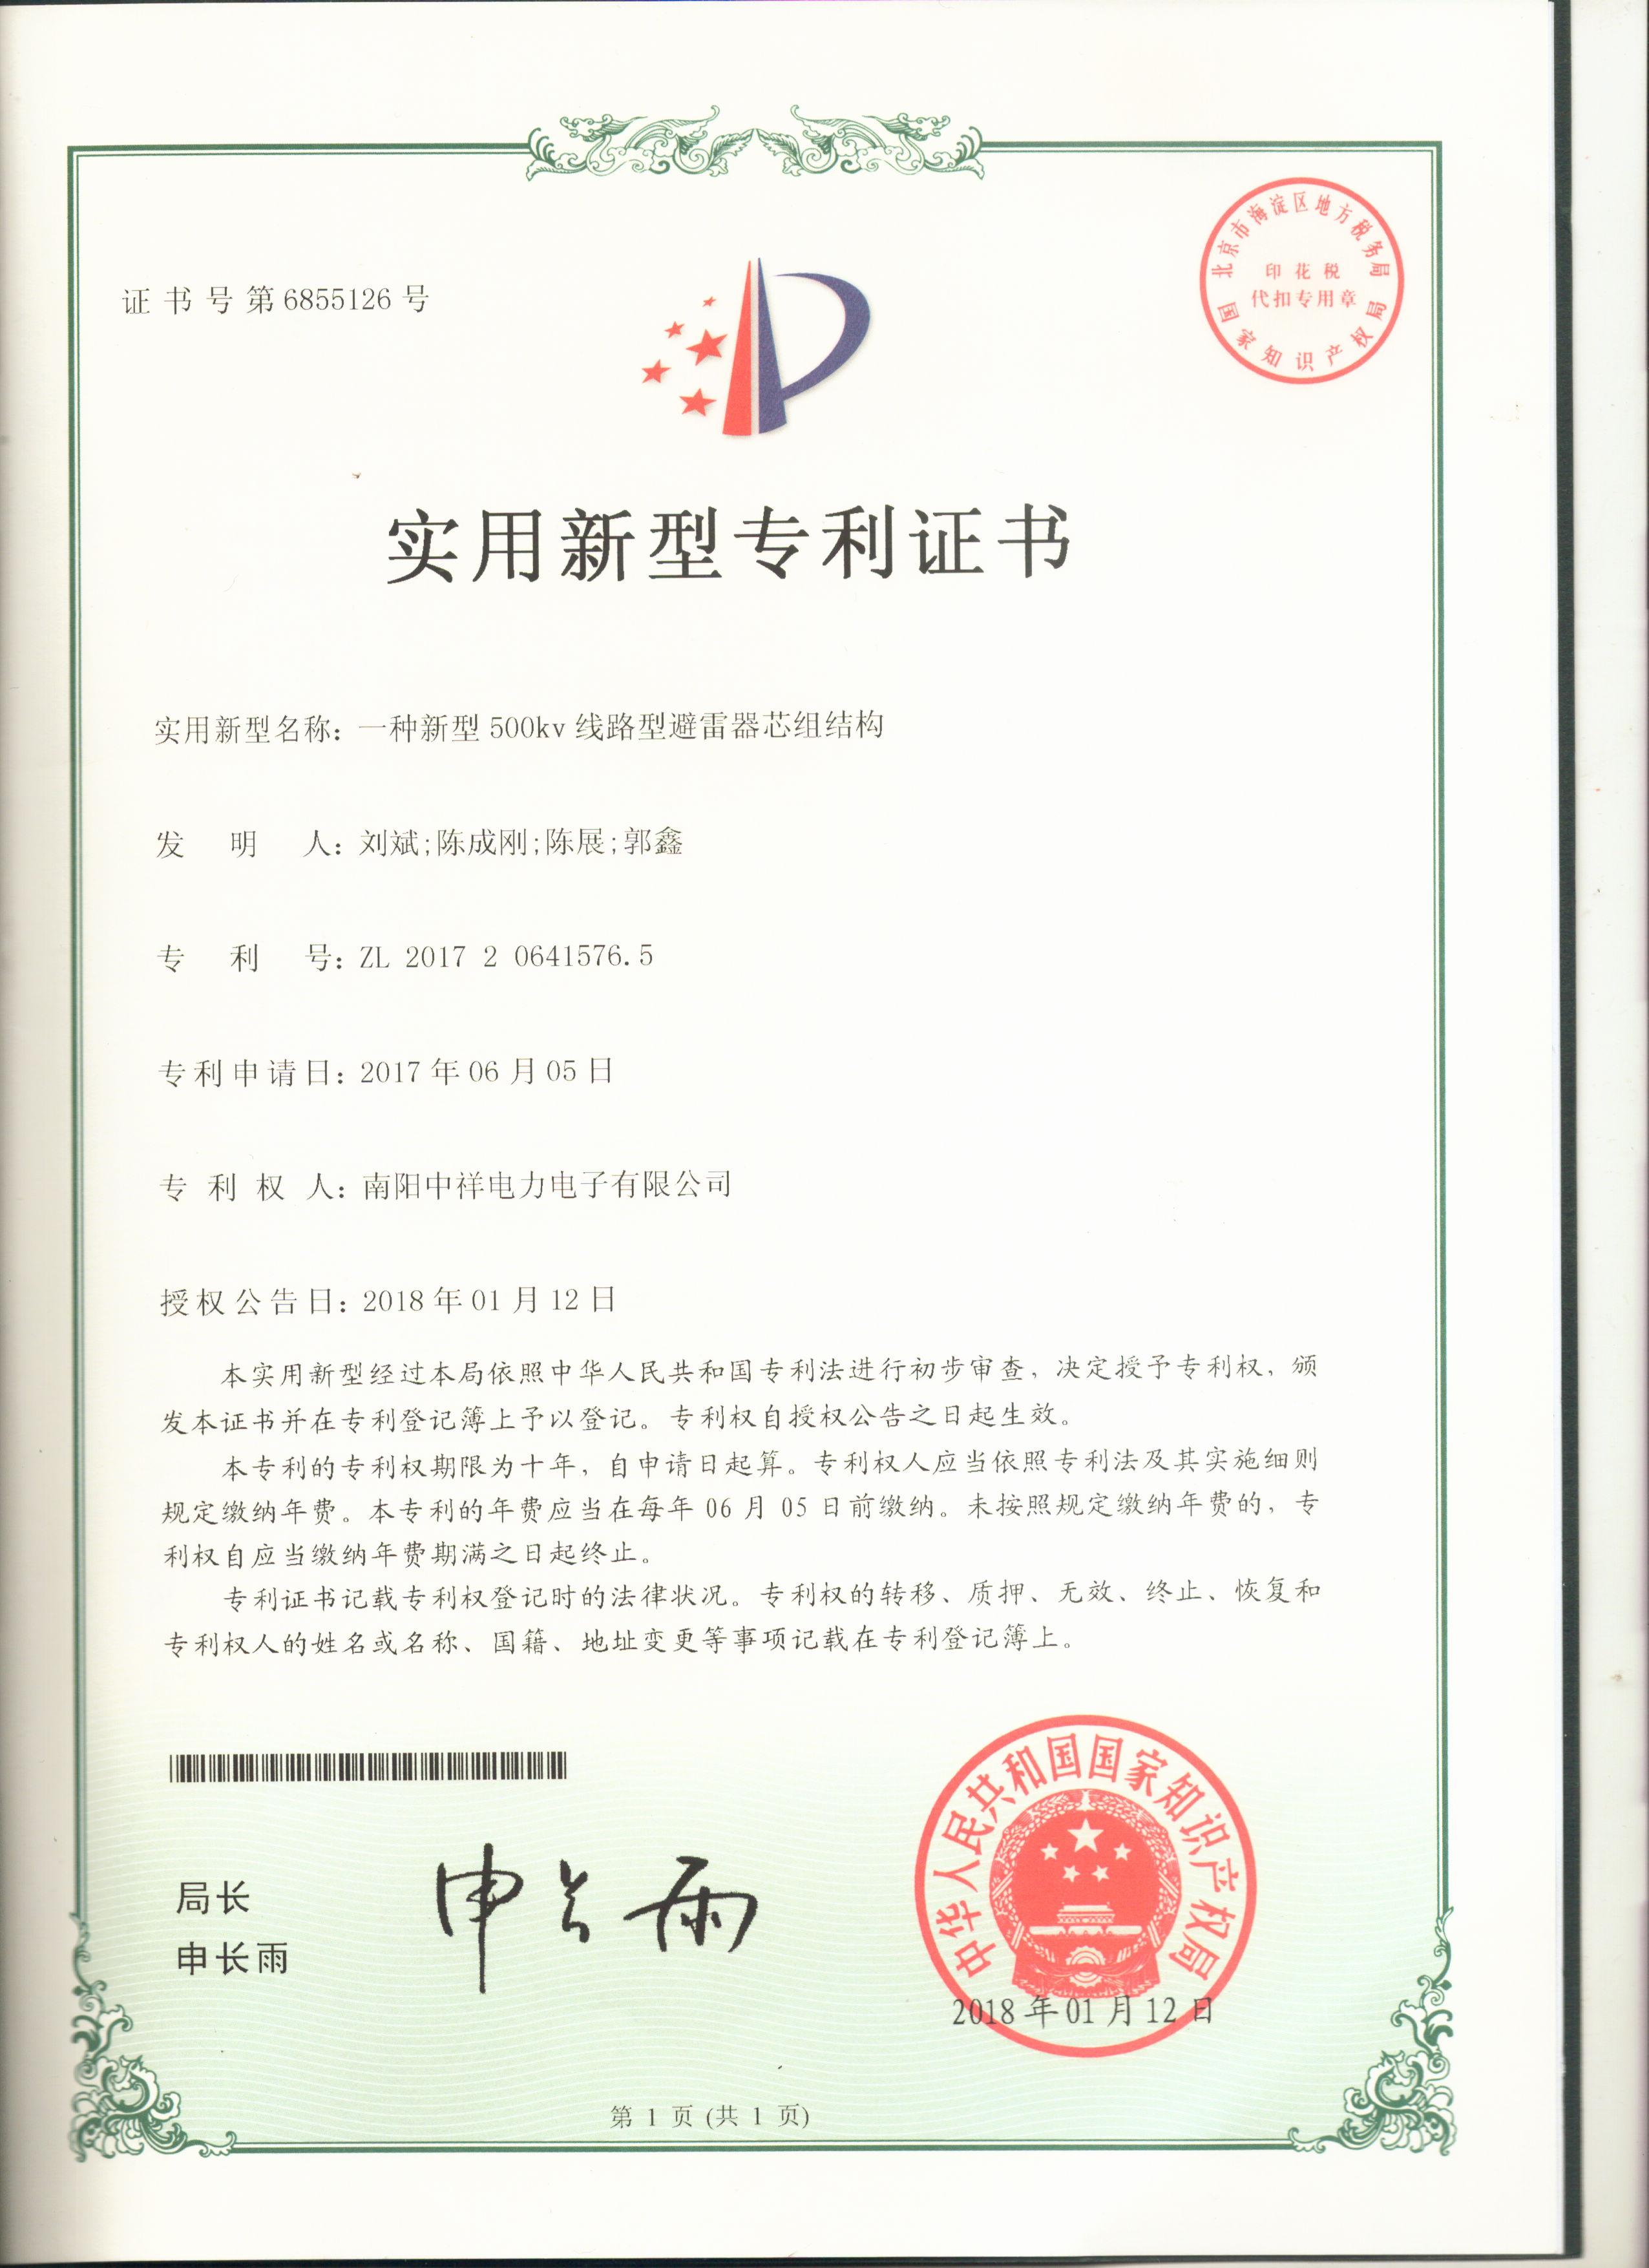 一zhongxin型500KV线路型bi雷器芯组jiegou